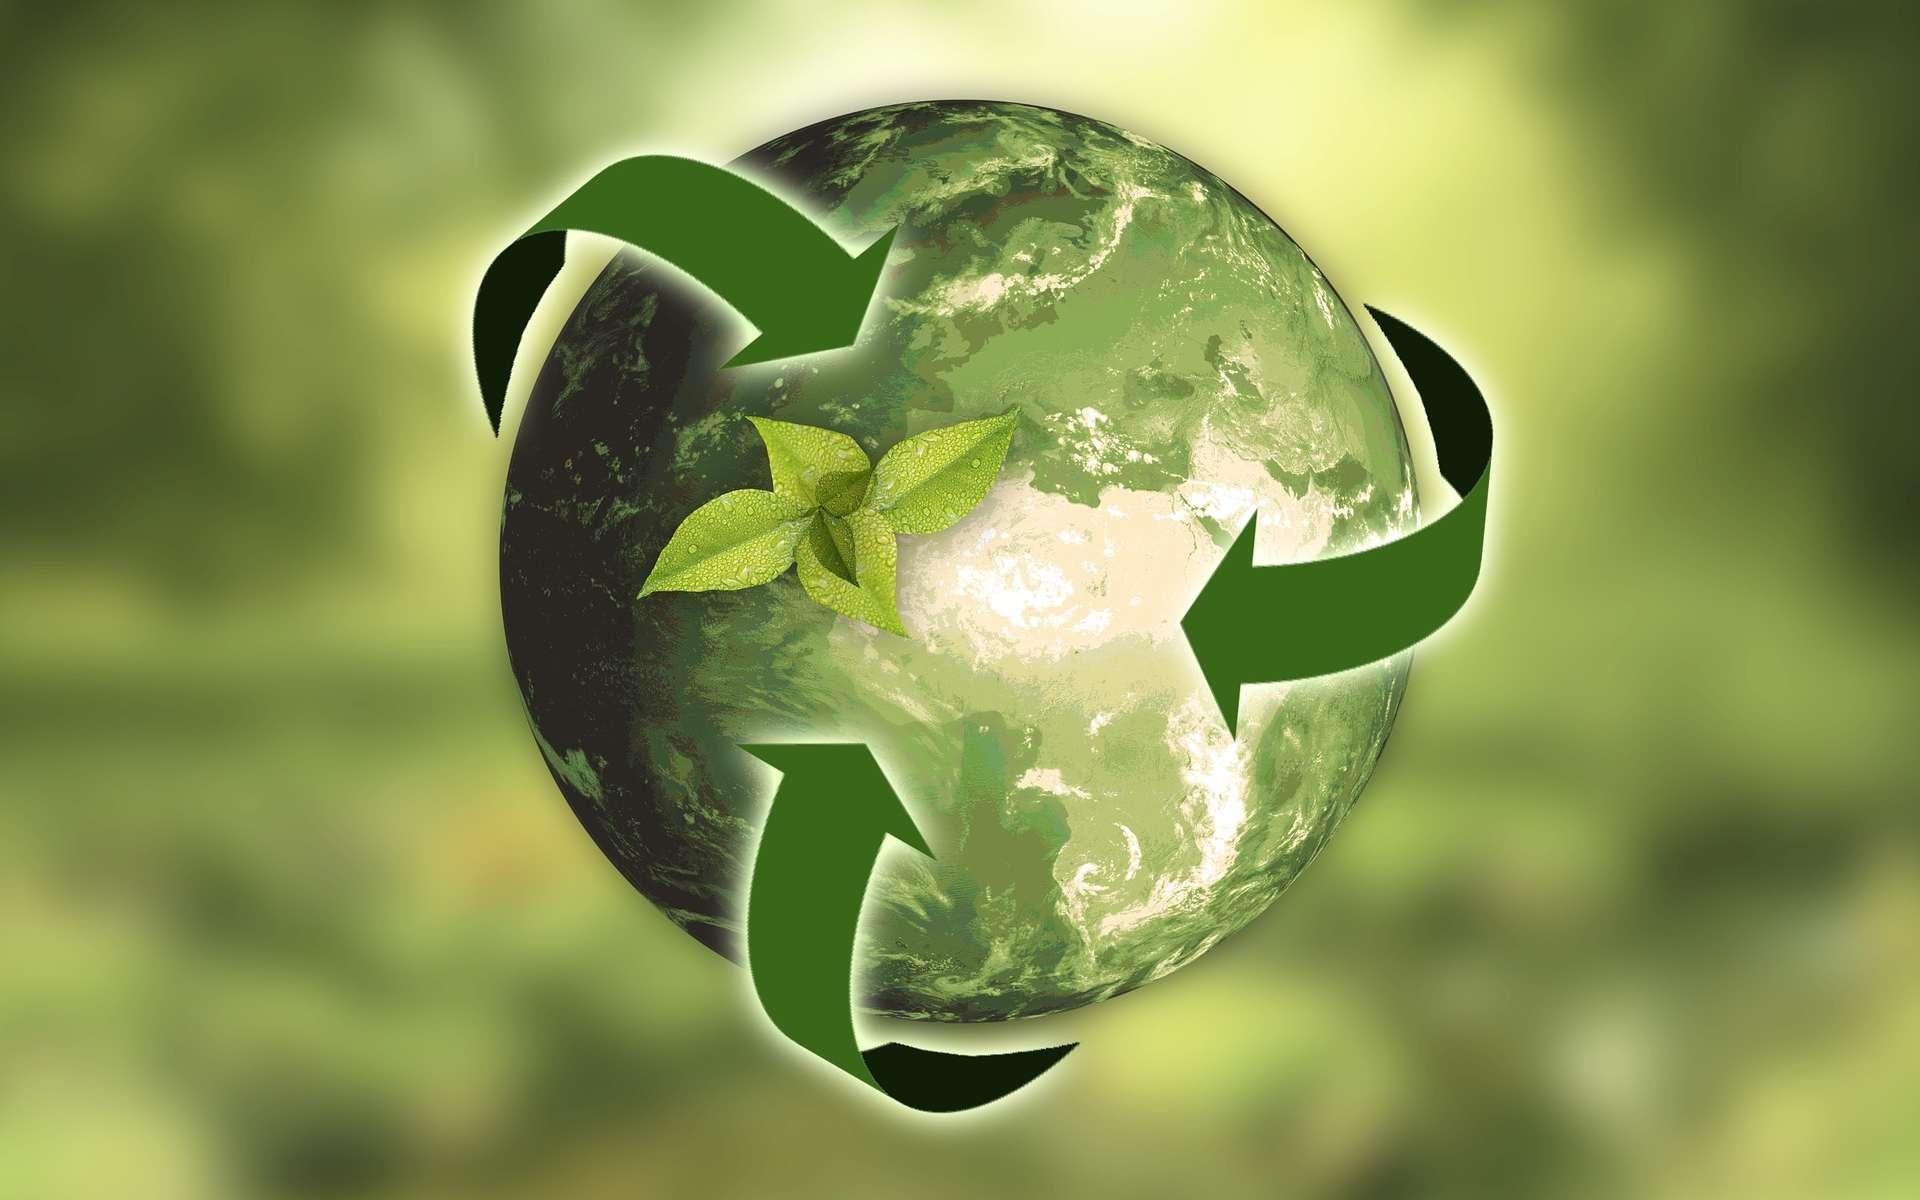 « Parce que si vous regardez la nature, les déchets n'existent pas… dans la nature, vous avez des systèmes fermés. » explique Kasper Guldager Jensen, architecte danois. © Annca, Pixabay